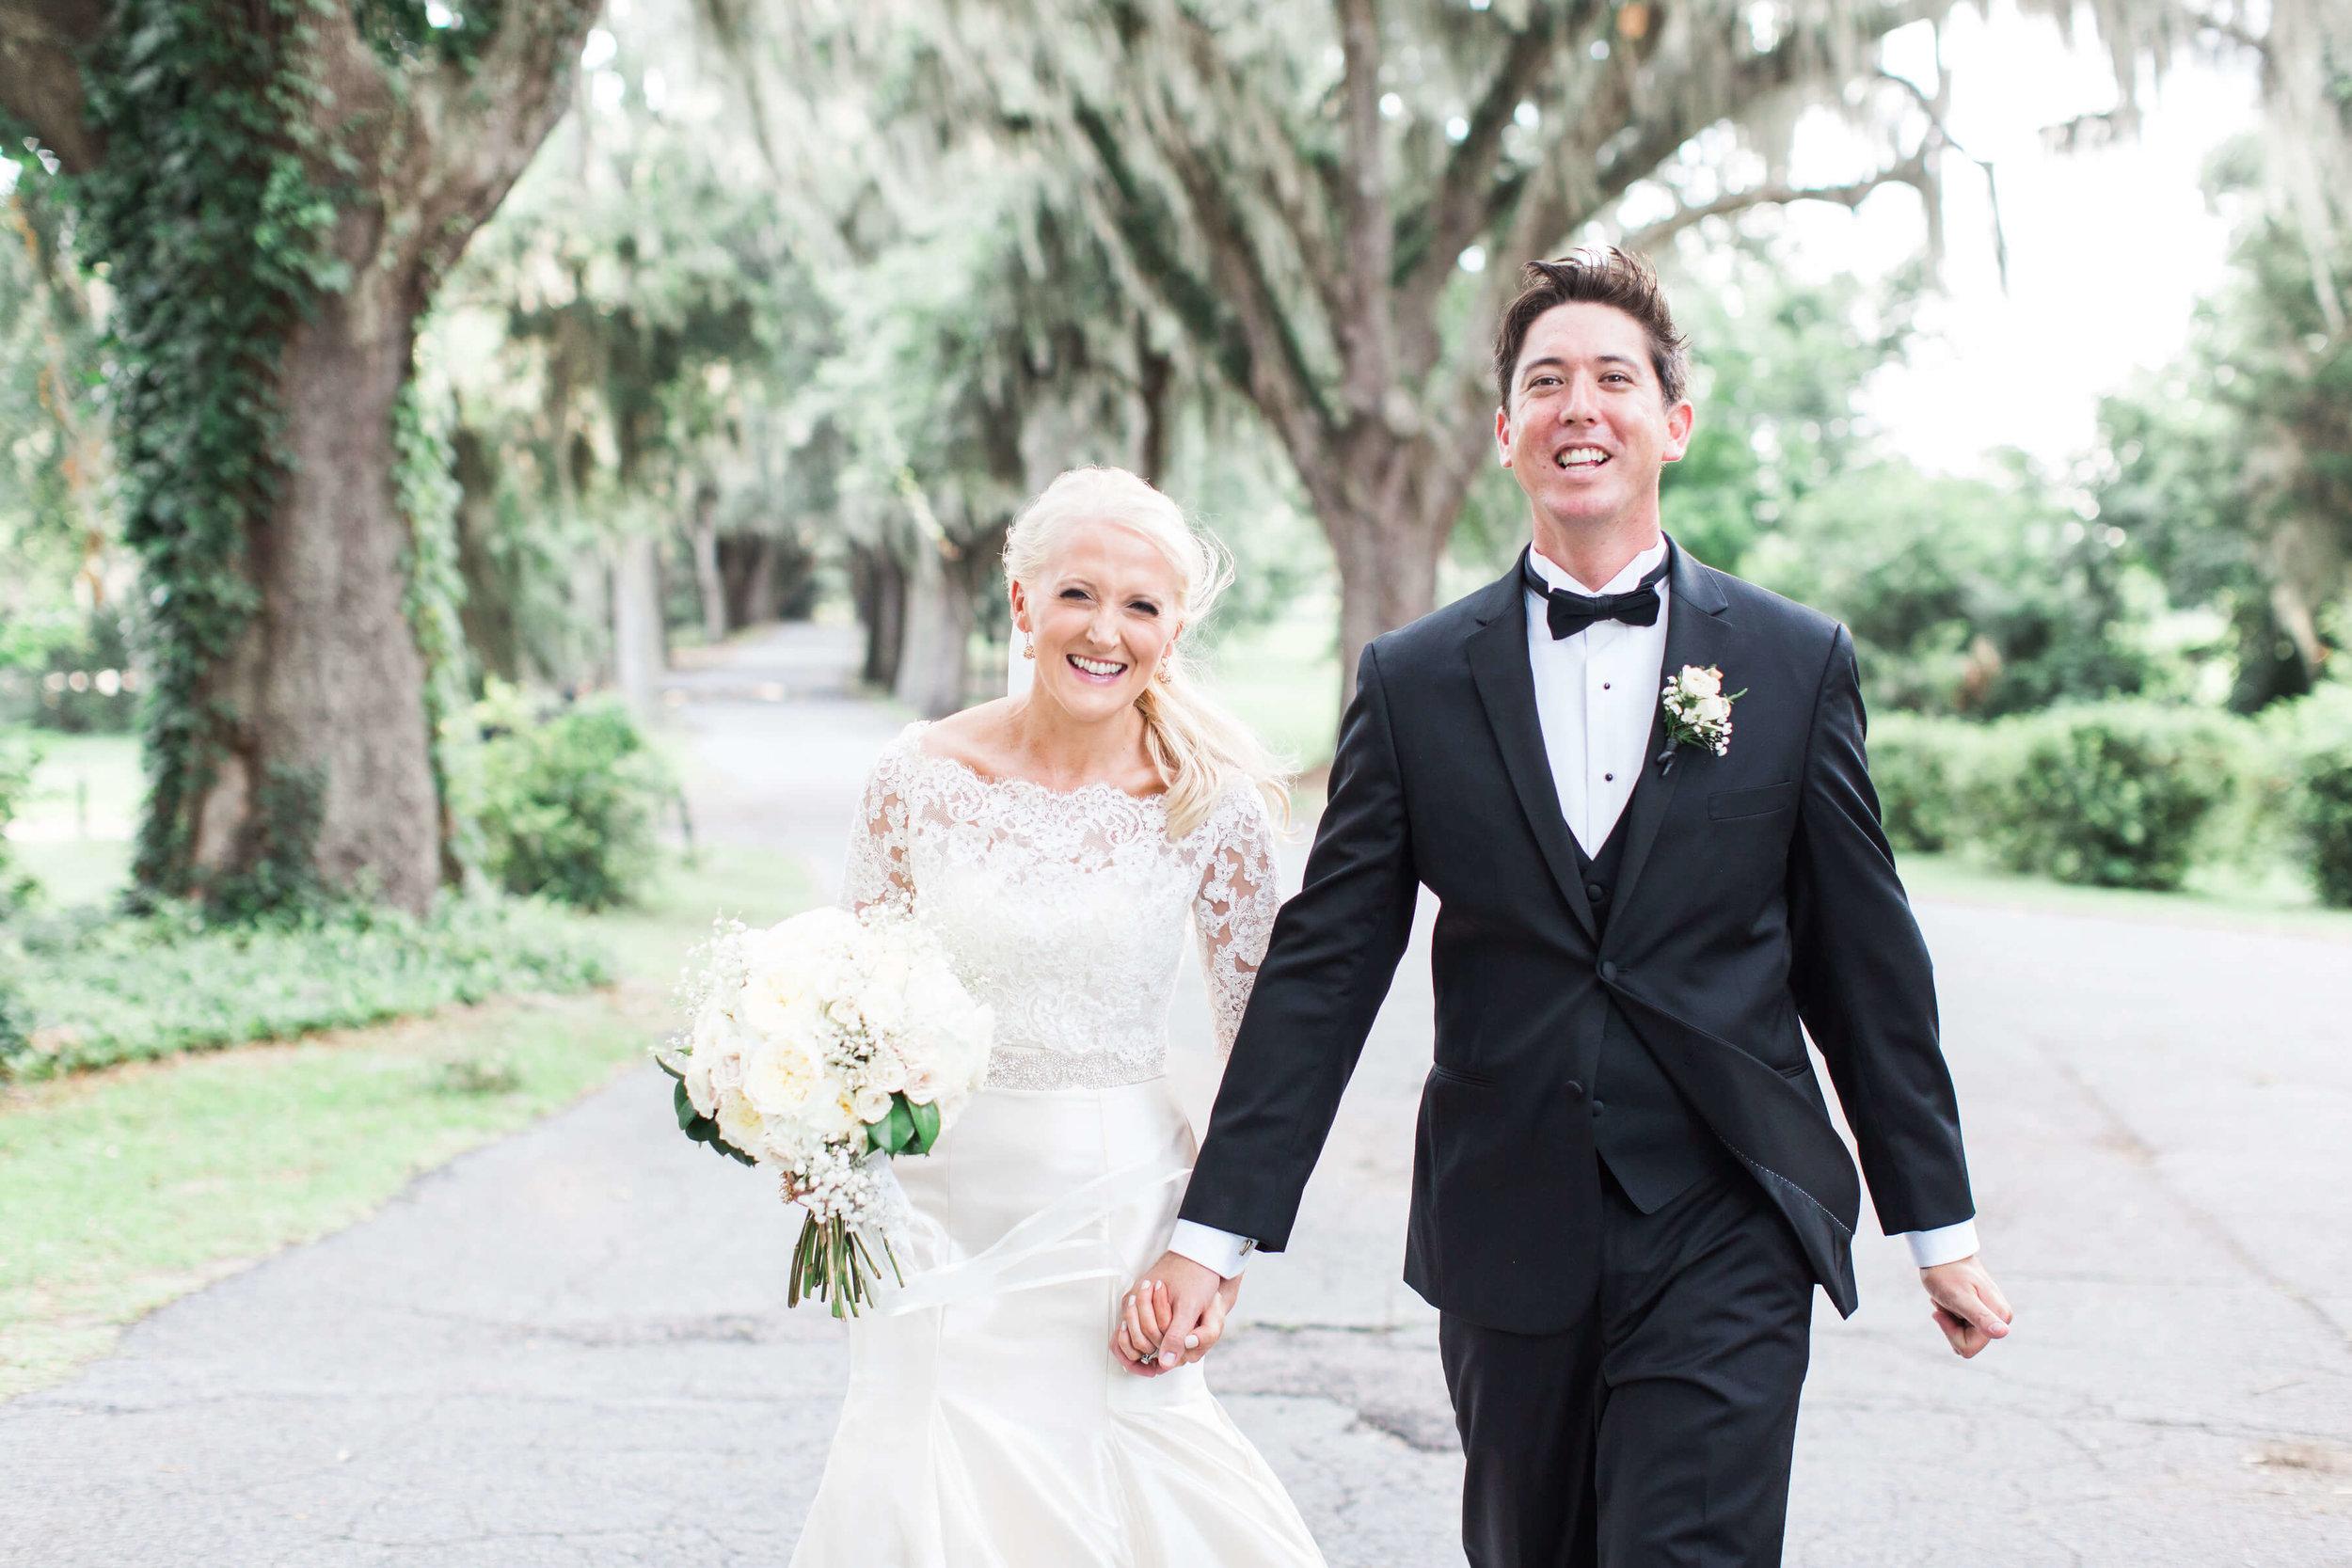 Mary Ann Trey Wedding- Apt B Photography - Savannah wedding photographer, Whitfield Chapel Wedding